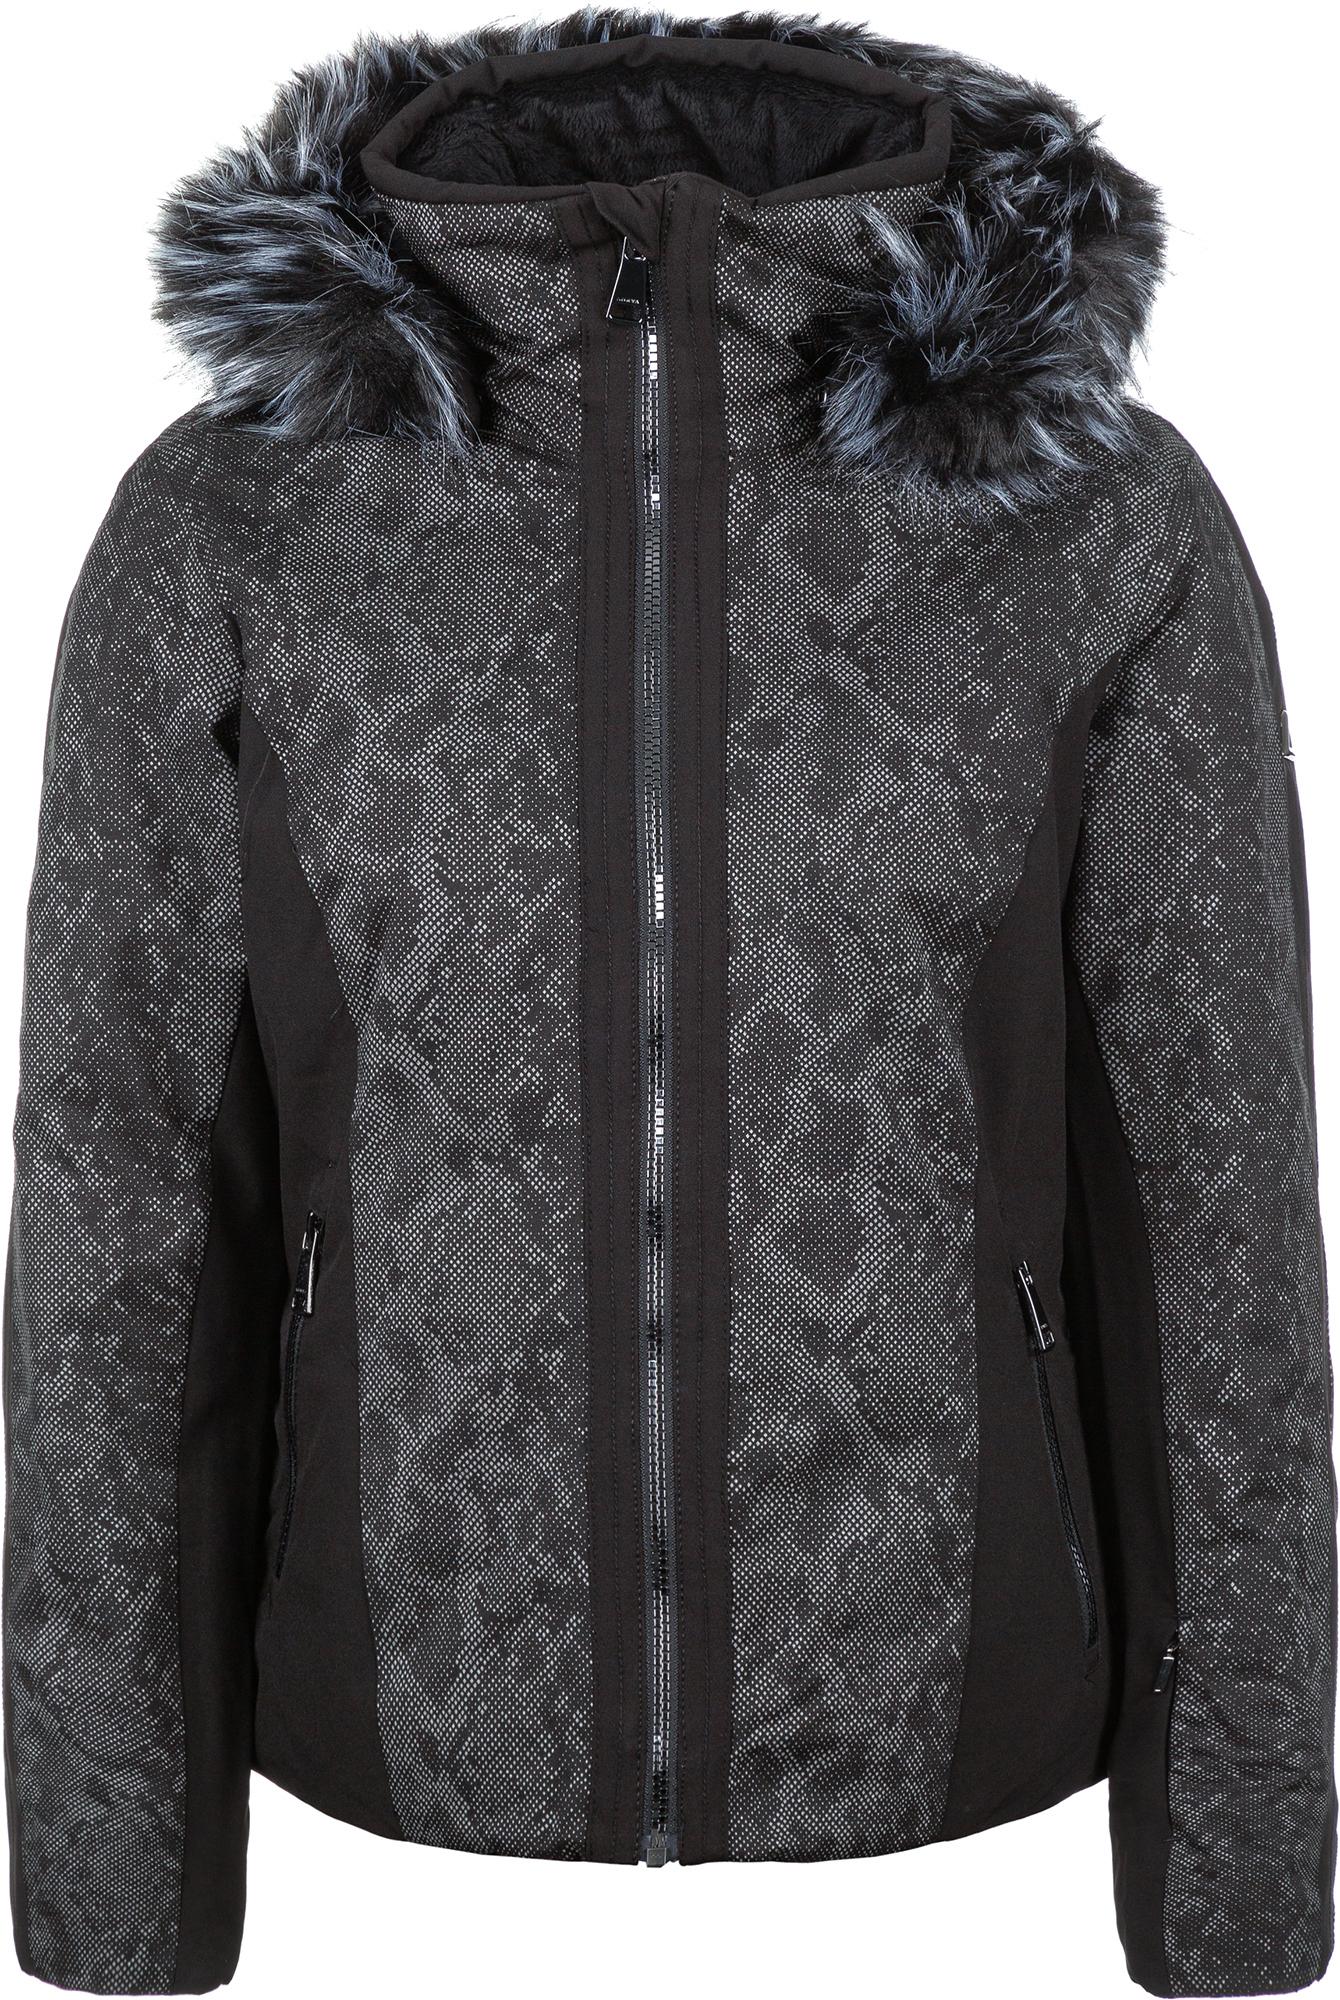 Luhta Куртка женская Luhta Ipatti, размер 48 шапка женская luhta цвет серый 838605591lv 810 размер универсальный